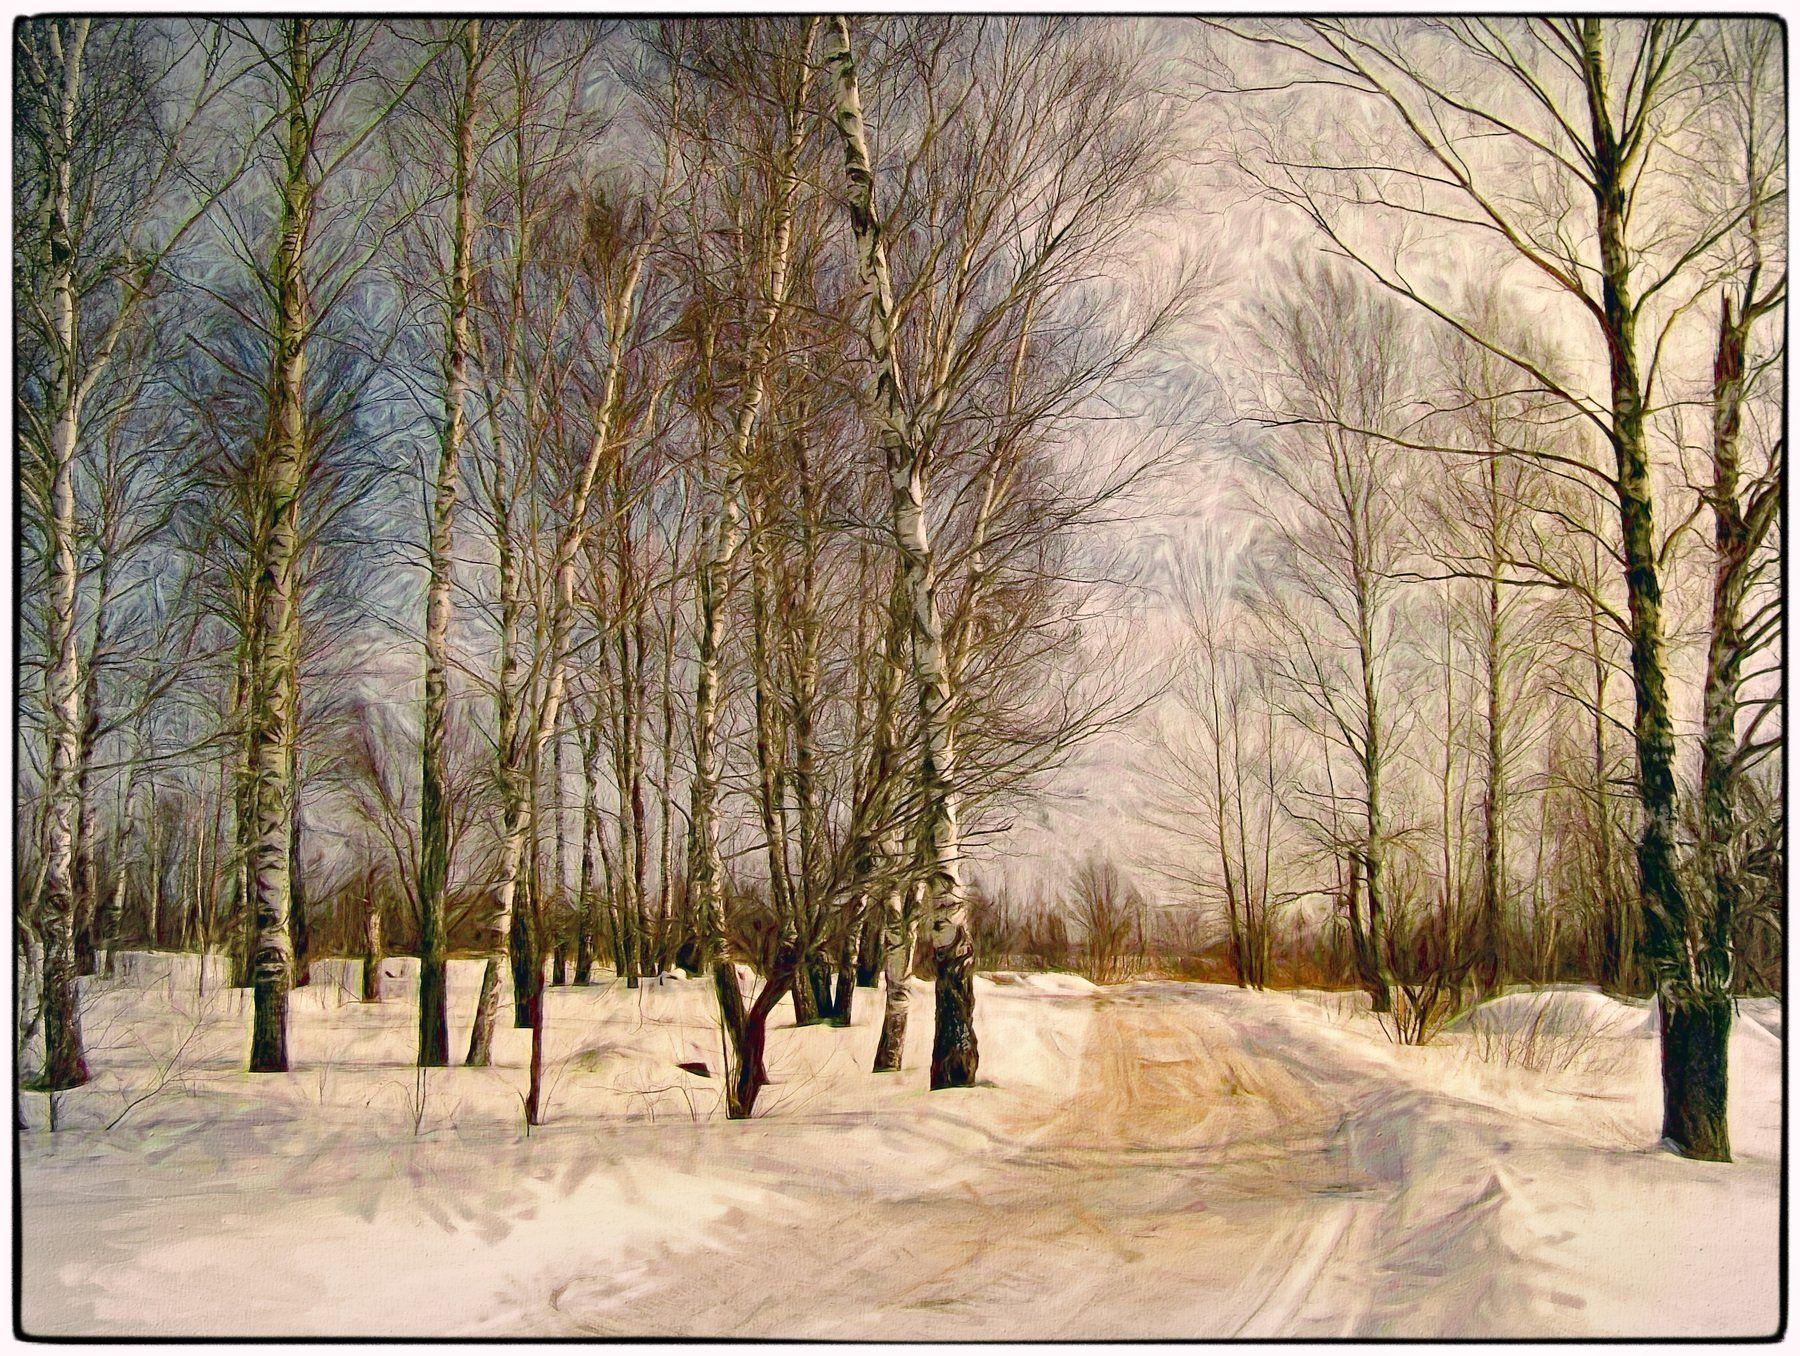 арт фото, березы, живопись, зимний пейзаж, картина маслом, пейзаж, плагин топаз, стилизация, фотошоп, Лидия Киприч